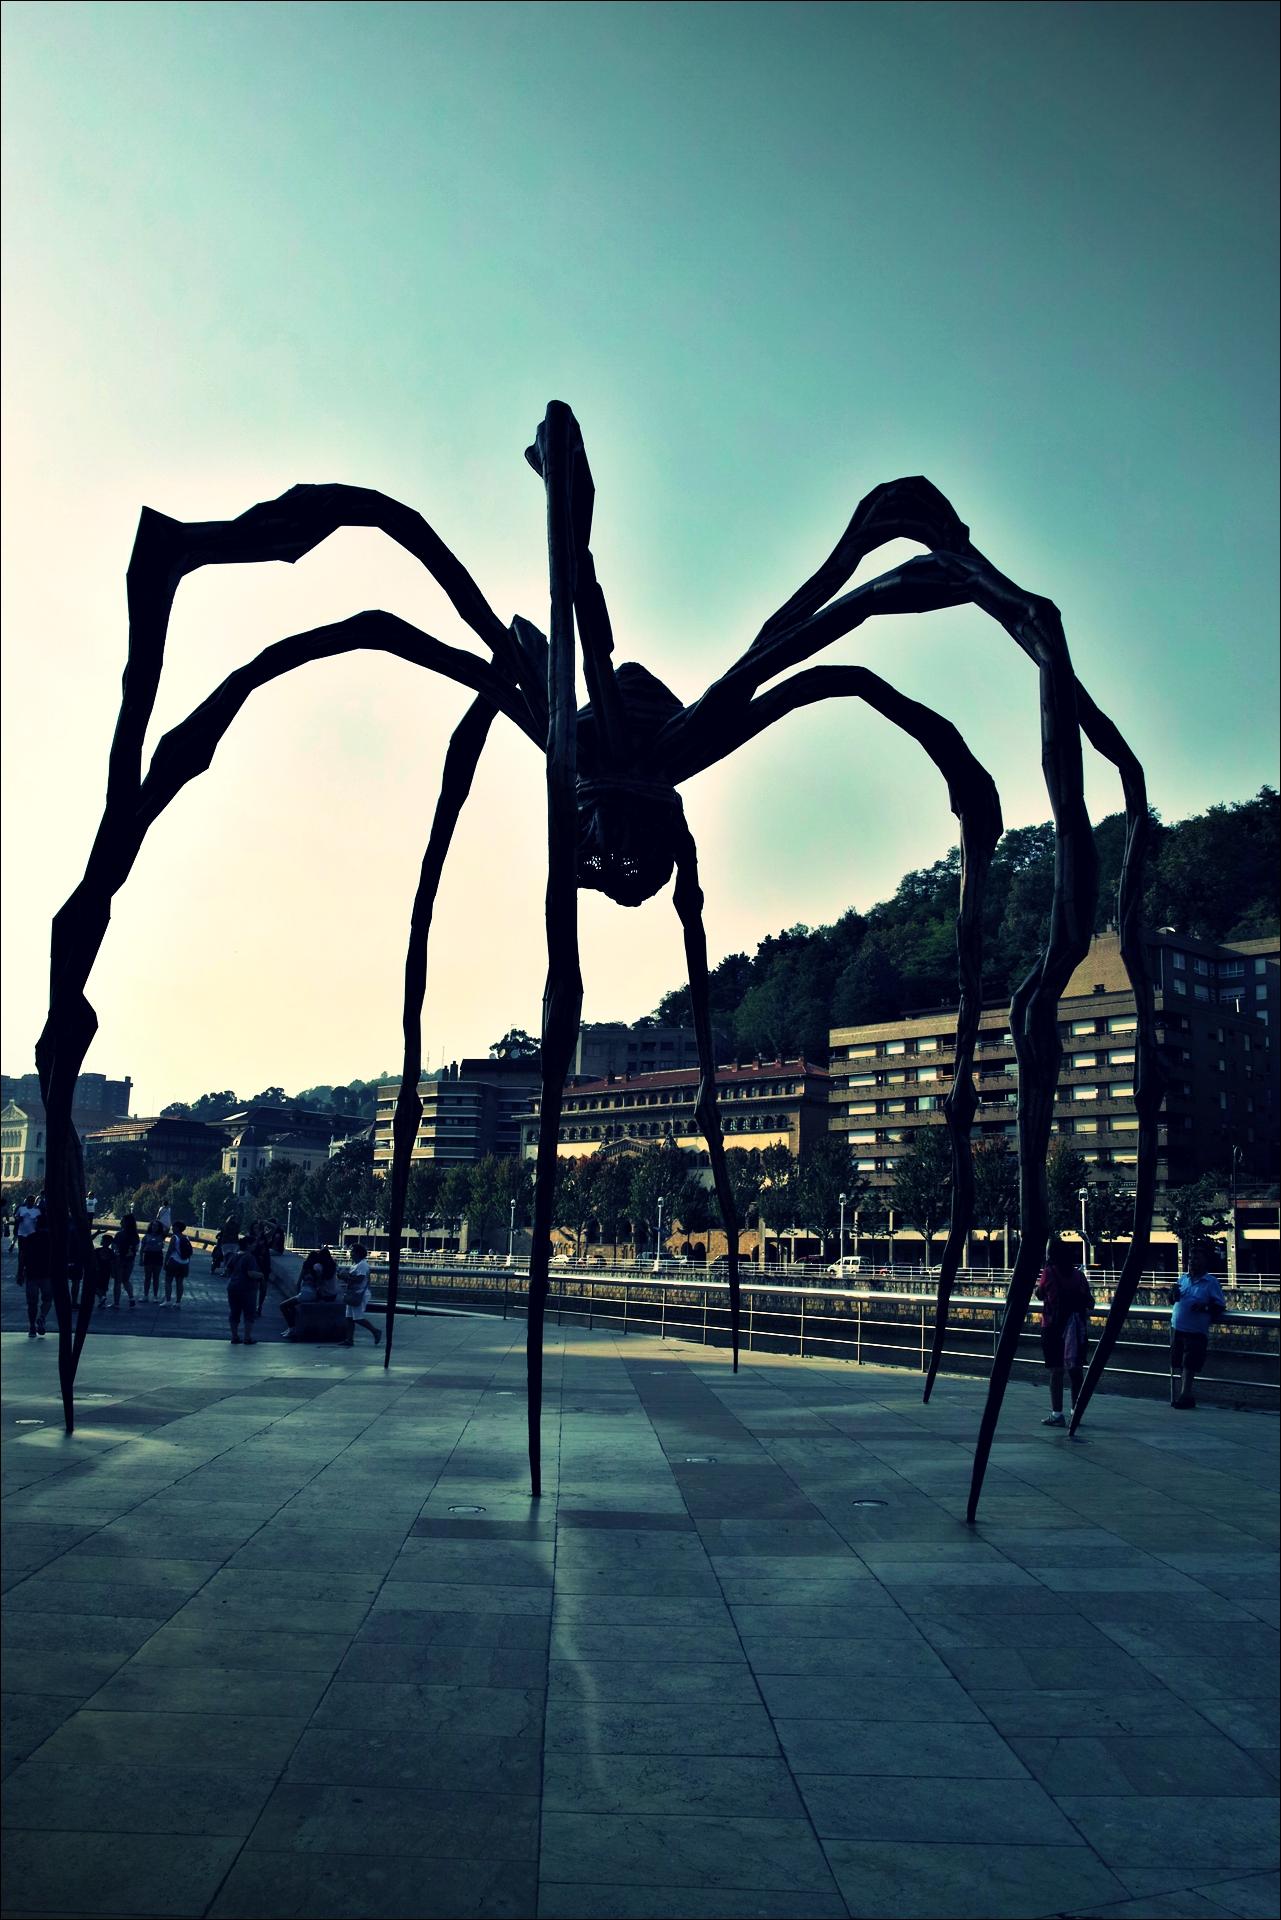 거미-'카미노 데 산티아고 북쪽길. 빌바오. (Camino del Norte - Bilbao)'